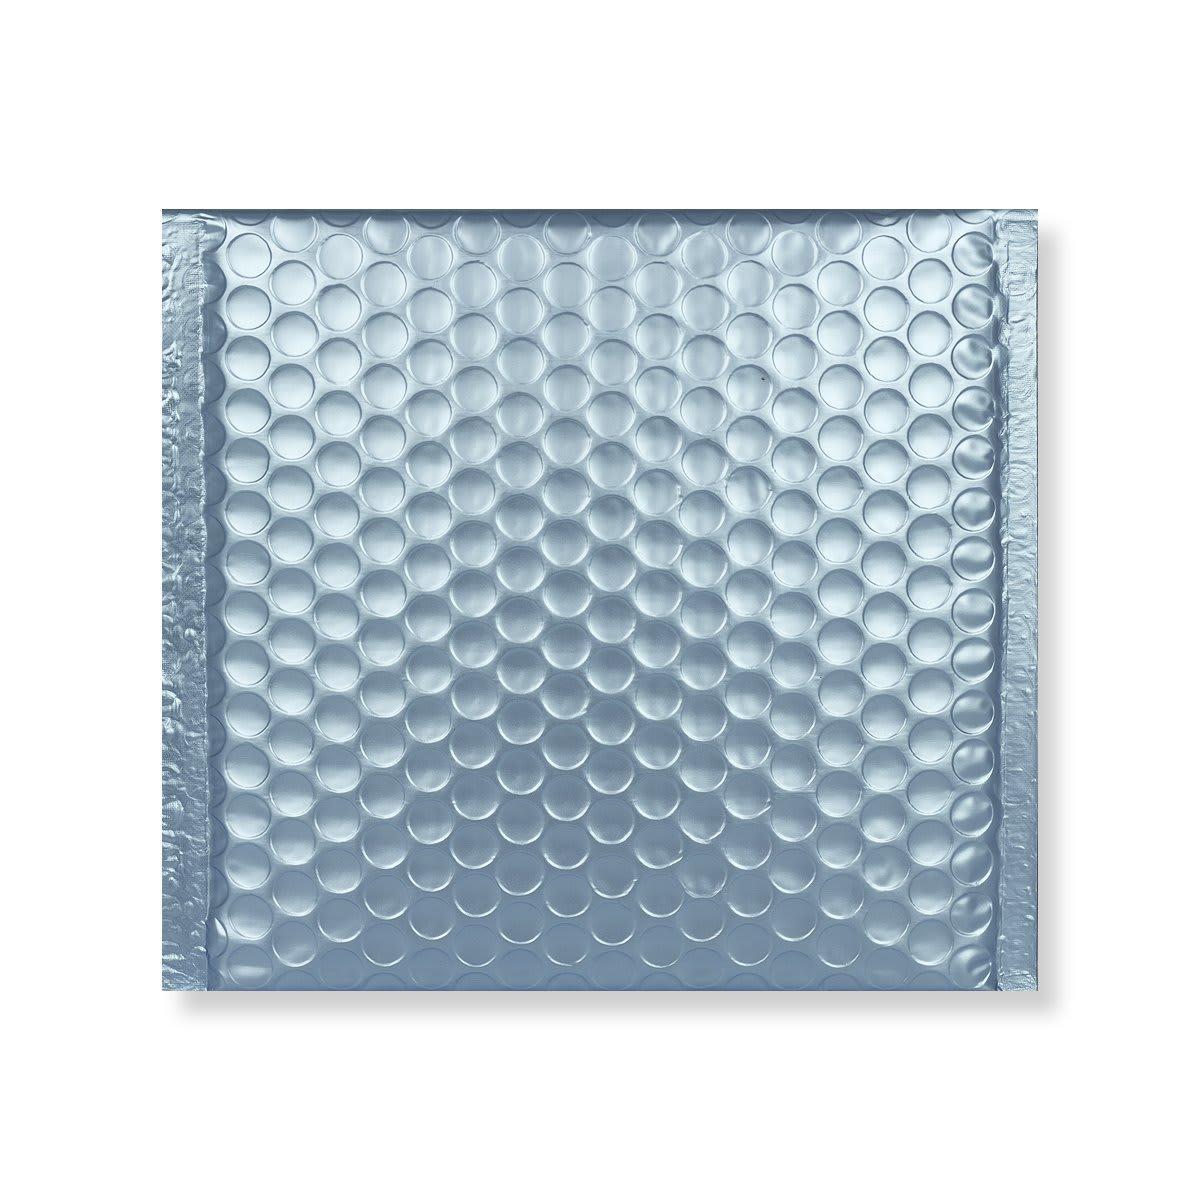 165MM SQUARE MATT METALLIC ICE BLUE PADDED ENVELOPES